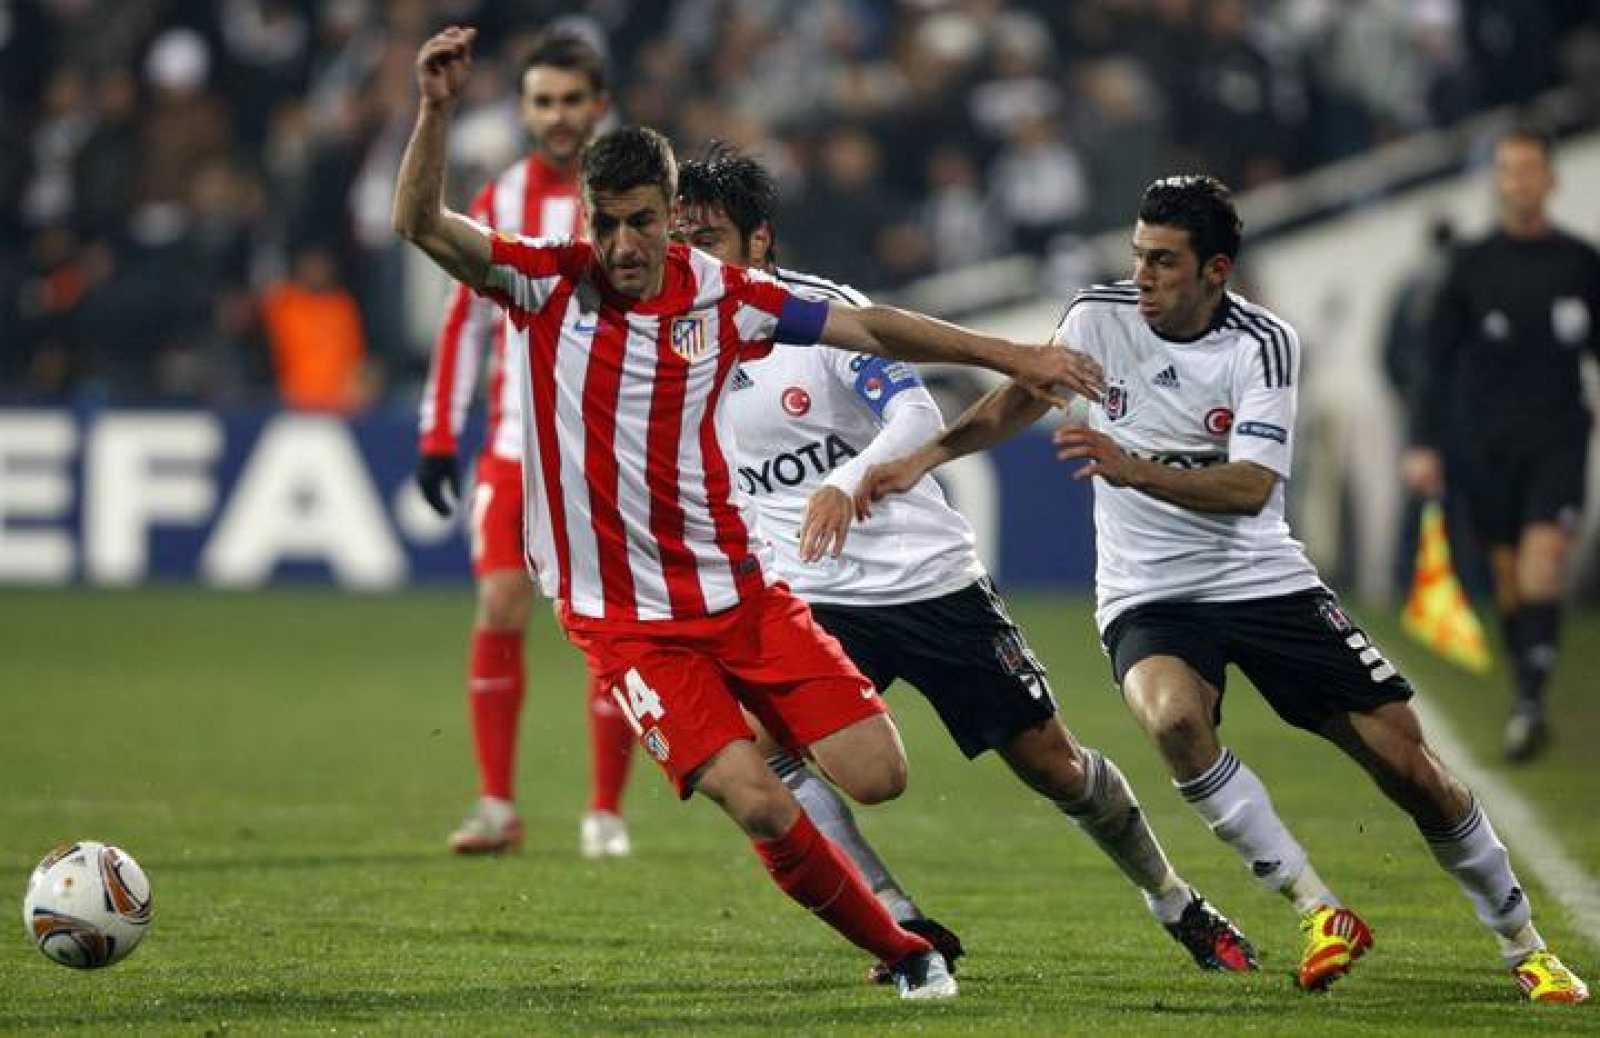 El Atlético de Madrid gana al Besiktas en Estambul